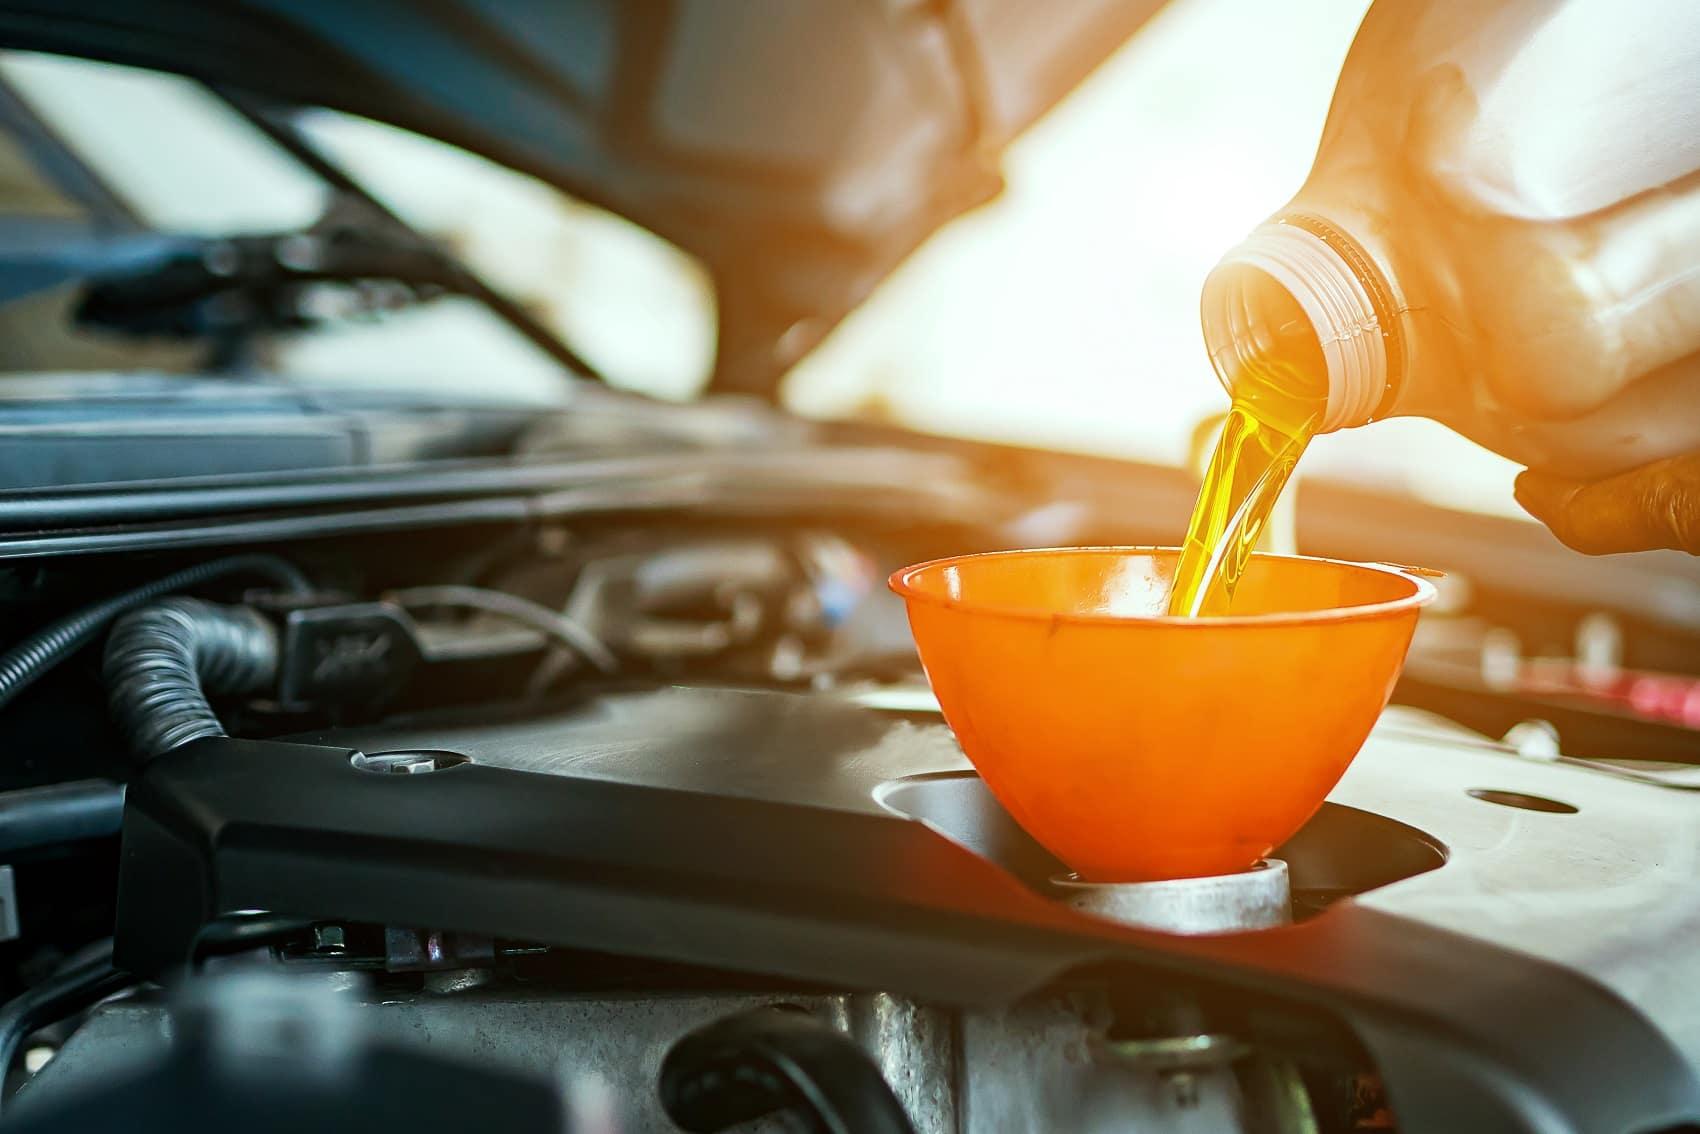 Oil Change for your Honda